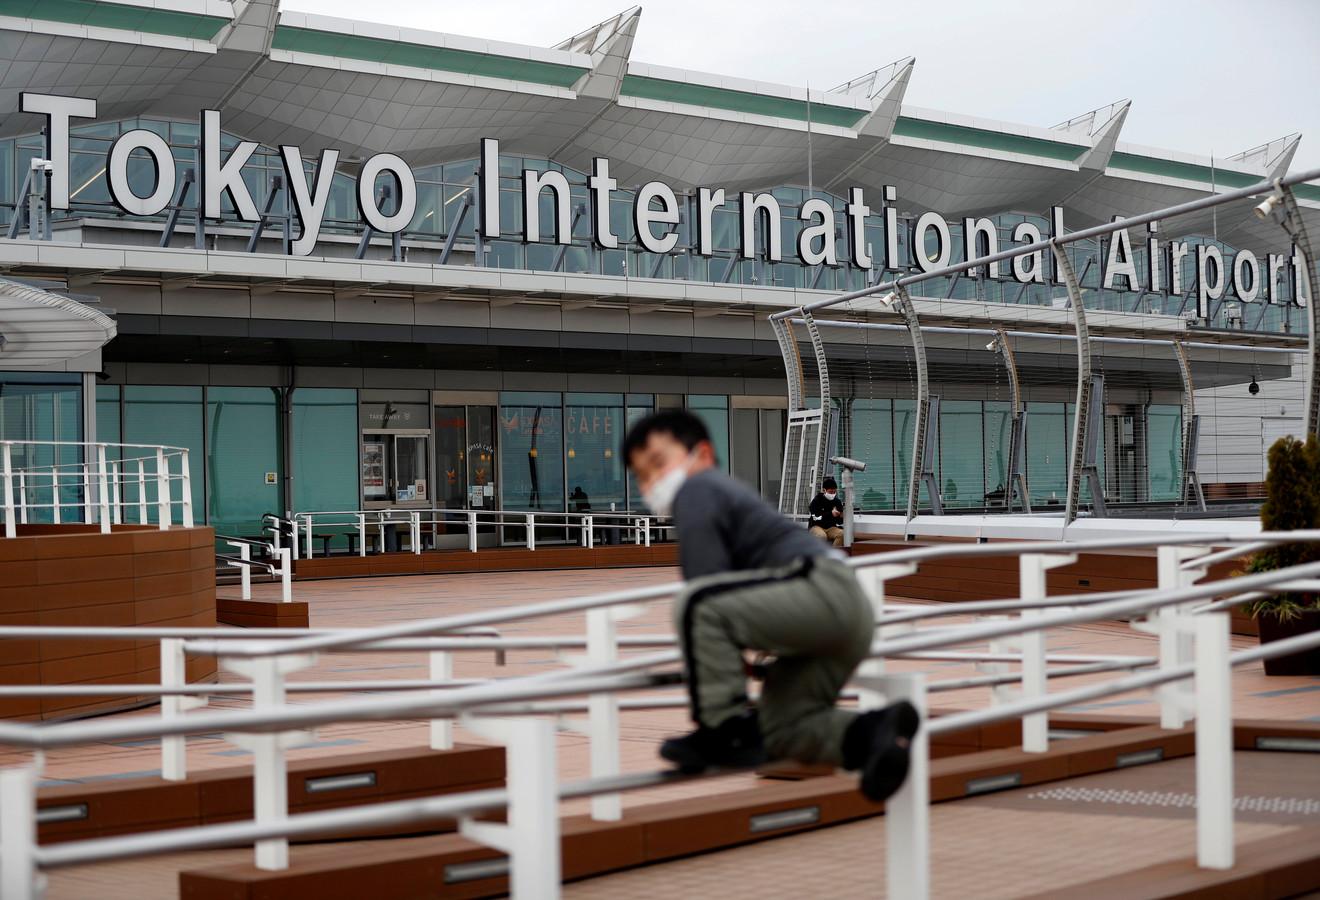 De internationale luchthaven van Tokio, Haneda